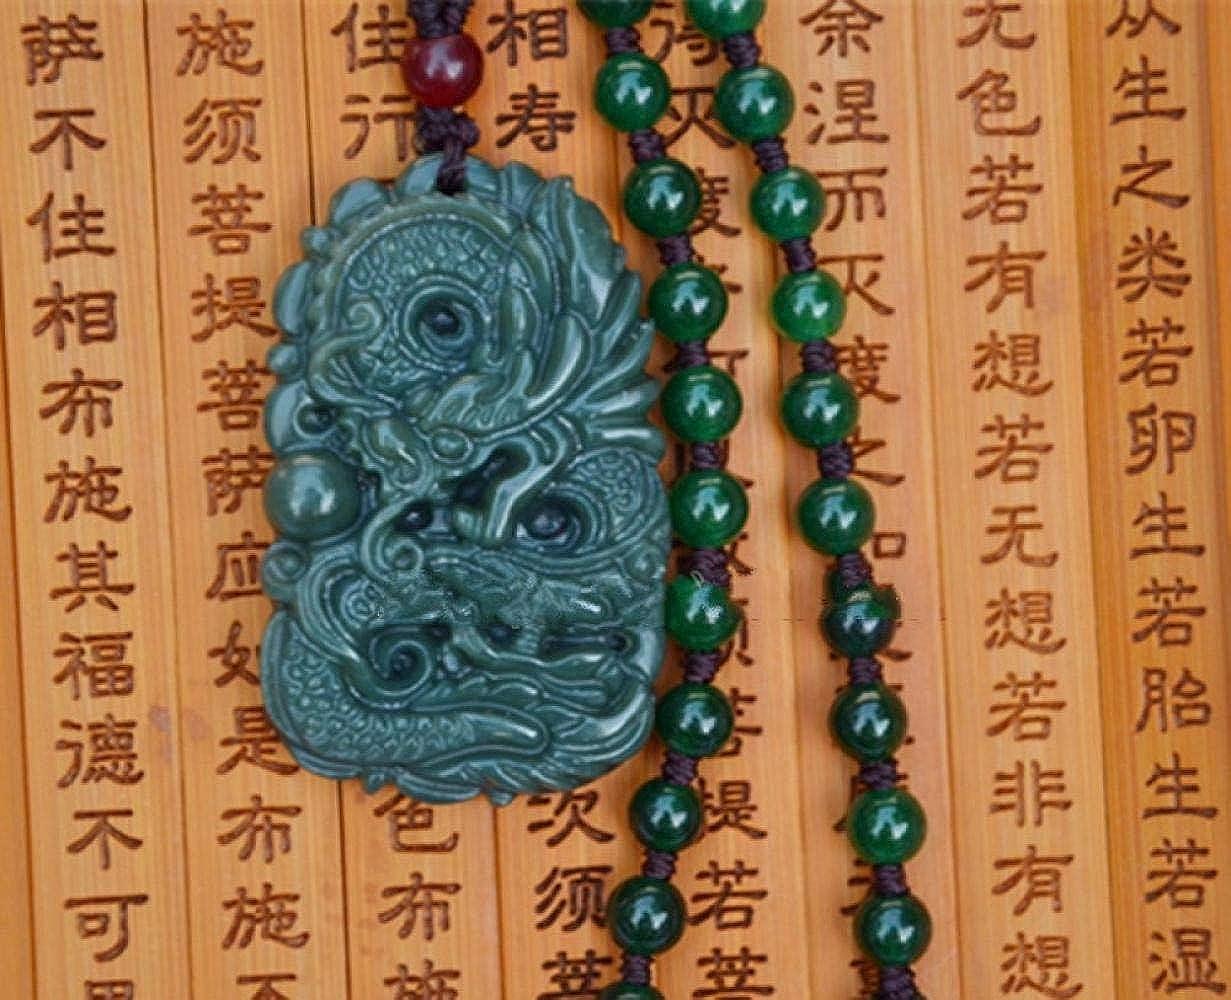 QEDS Hermoso Hecho a Mano Natural Verde Oscuro HeTian Jade Tallado dragón Amuleto de la Suerte Colgante joyería Fina Disponible